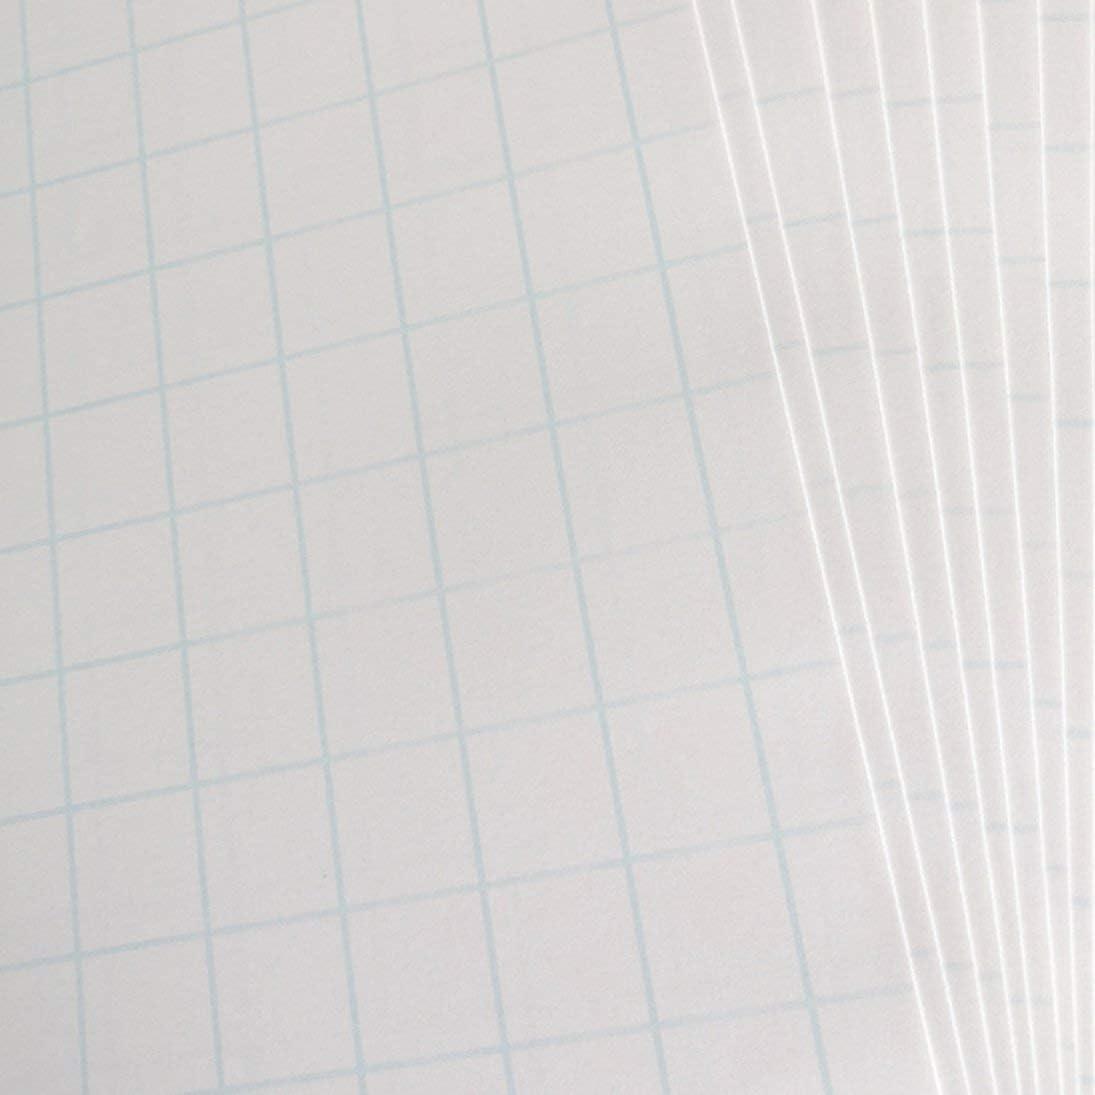 Azul y blanco Hierro Transferencia de calor A4 Color claro Camiseta de algod/ón Papel de transferencia de calor Lavable a m/áquina permanente Ampliamente aplicable